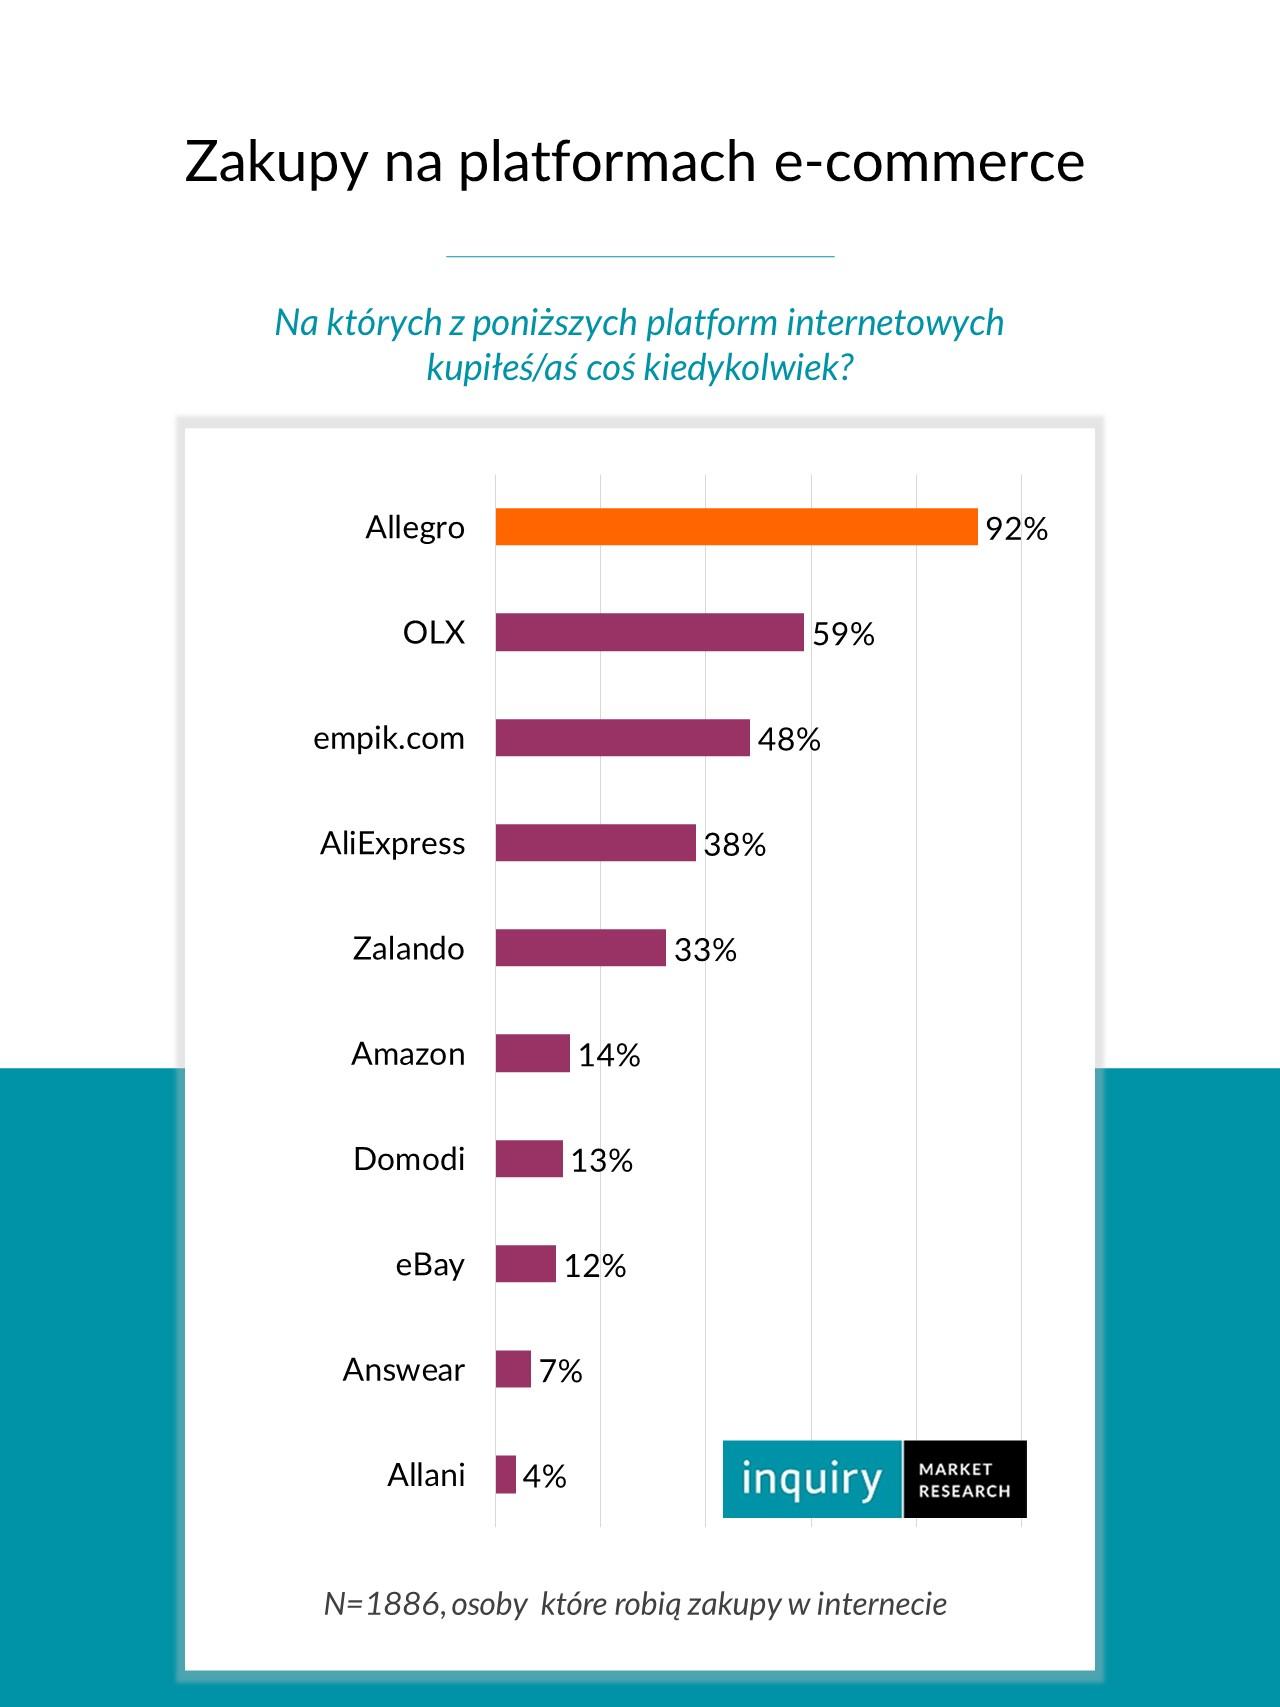 Allegro Dominuje Na Rynku Platform Ecommerce Empik Com Przed Aliexpress